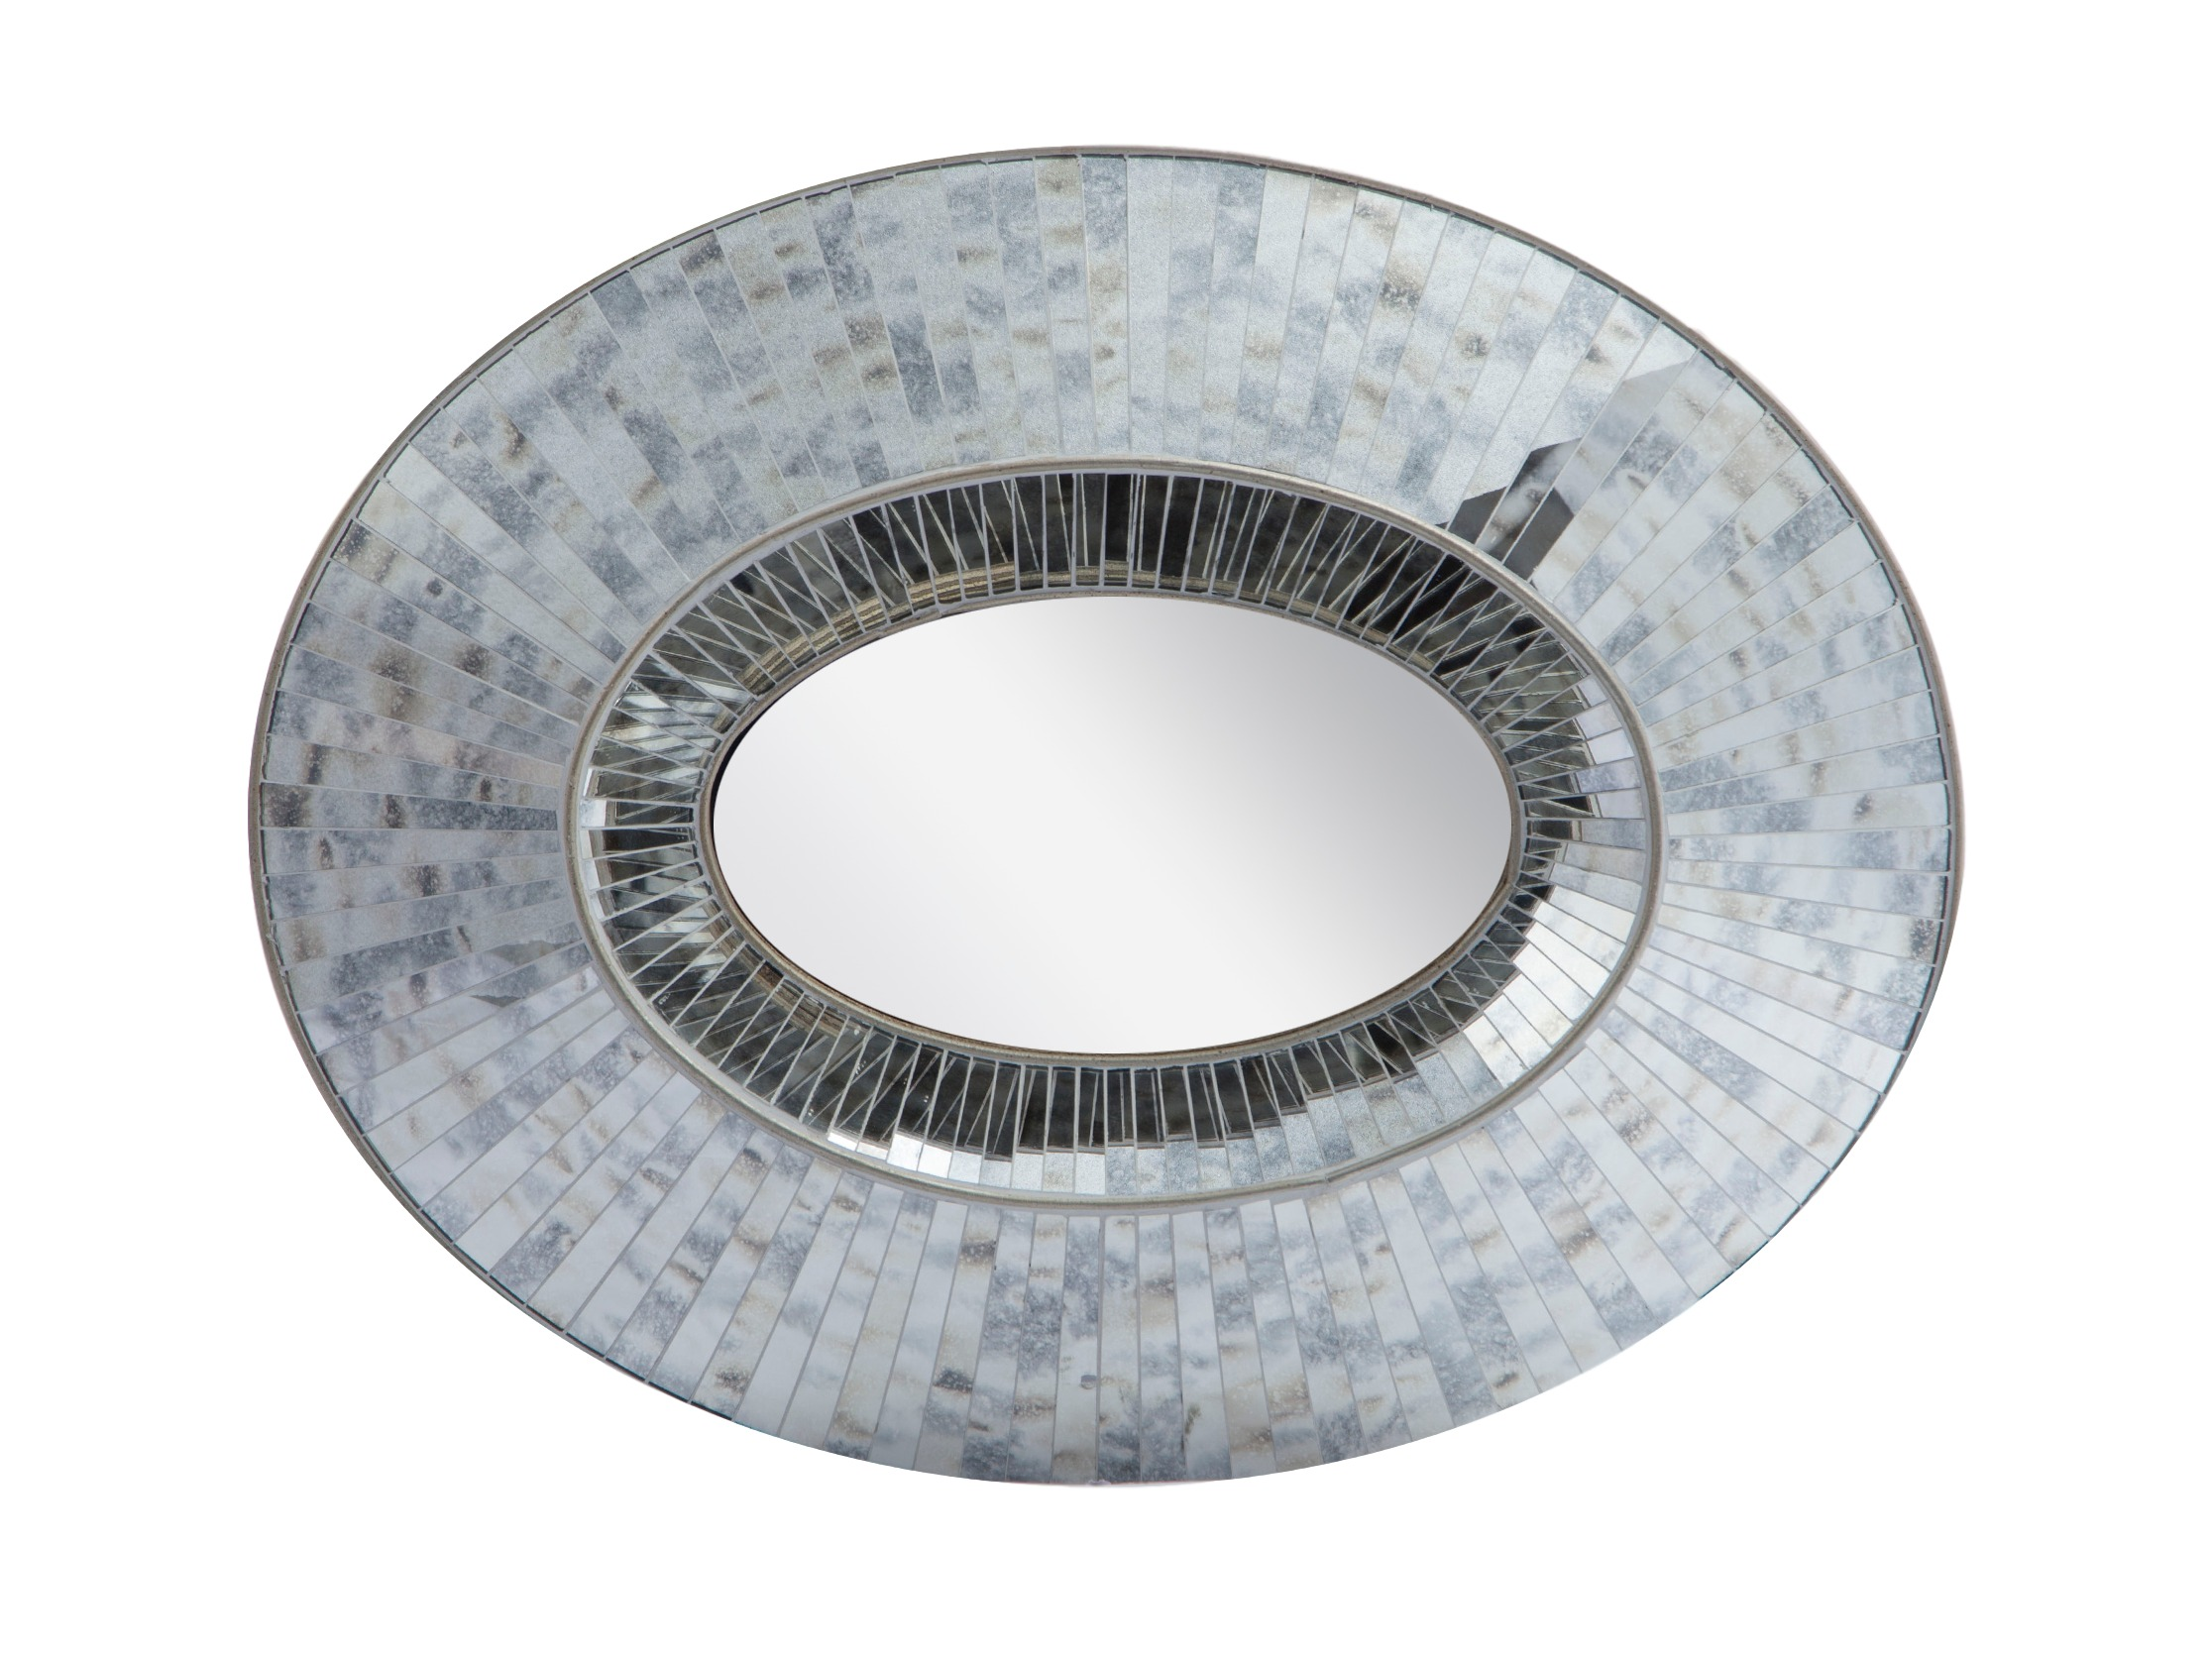 ЗеркалоНастенные зеркала<br>Зеркало в круглой раме,декорированное зеркальными вставками.<br><br>Material: Дерево<br>Depth см: 10<br>Diameter см: 100